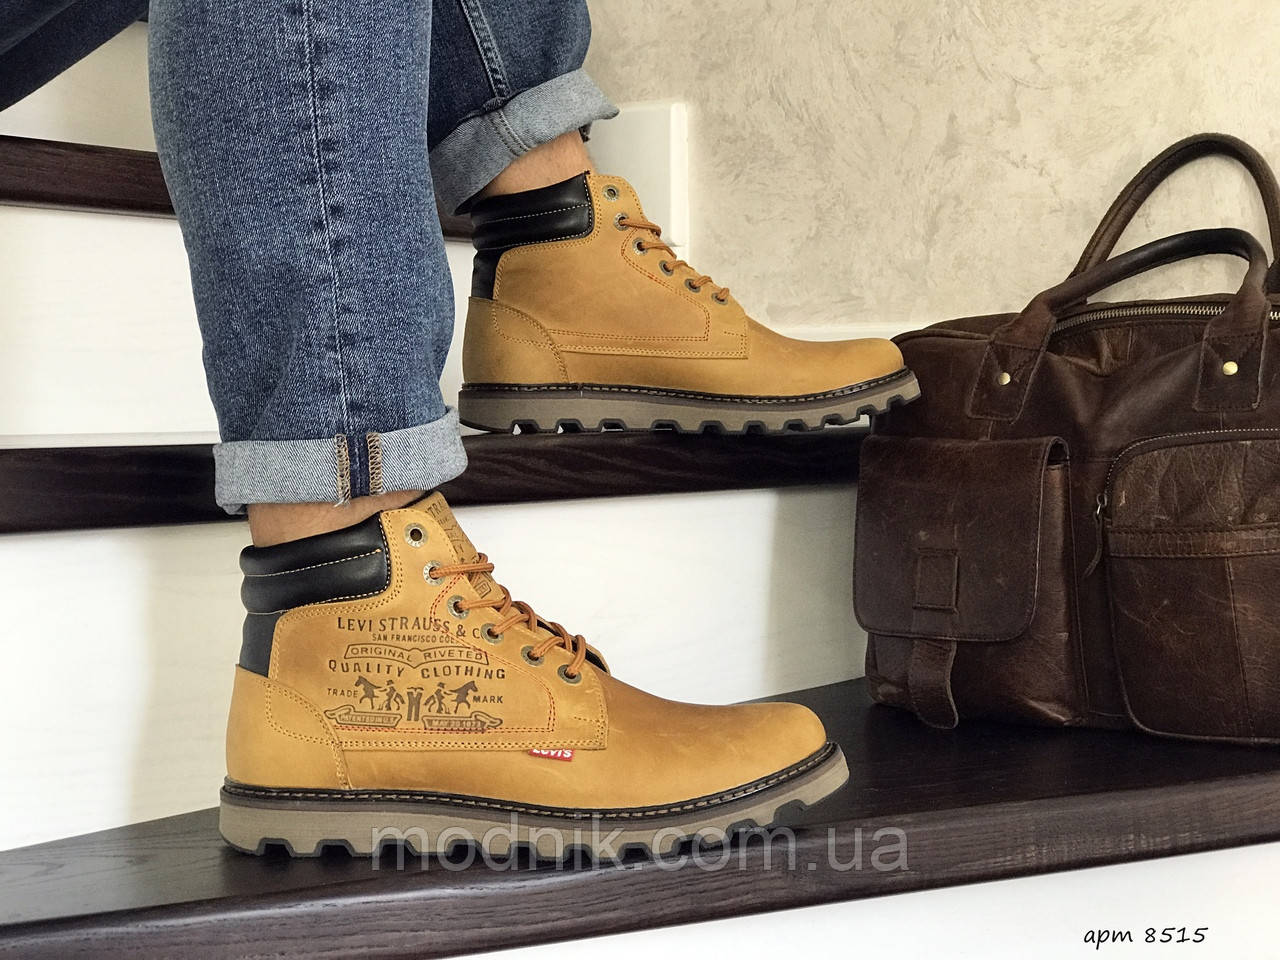 Мужские ботинки Levis (горчичные) ЗИМА